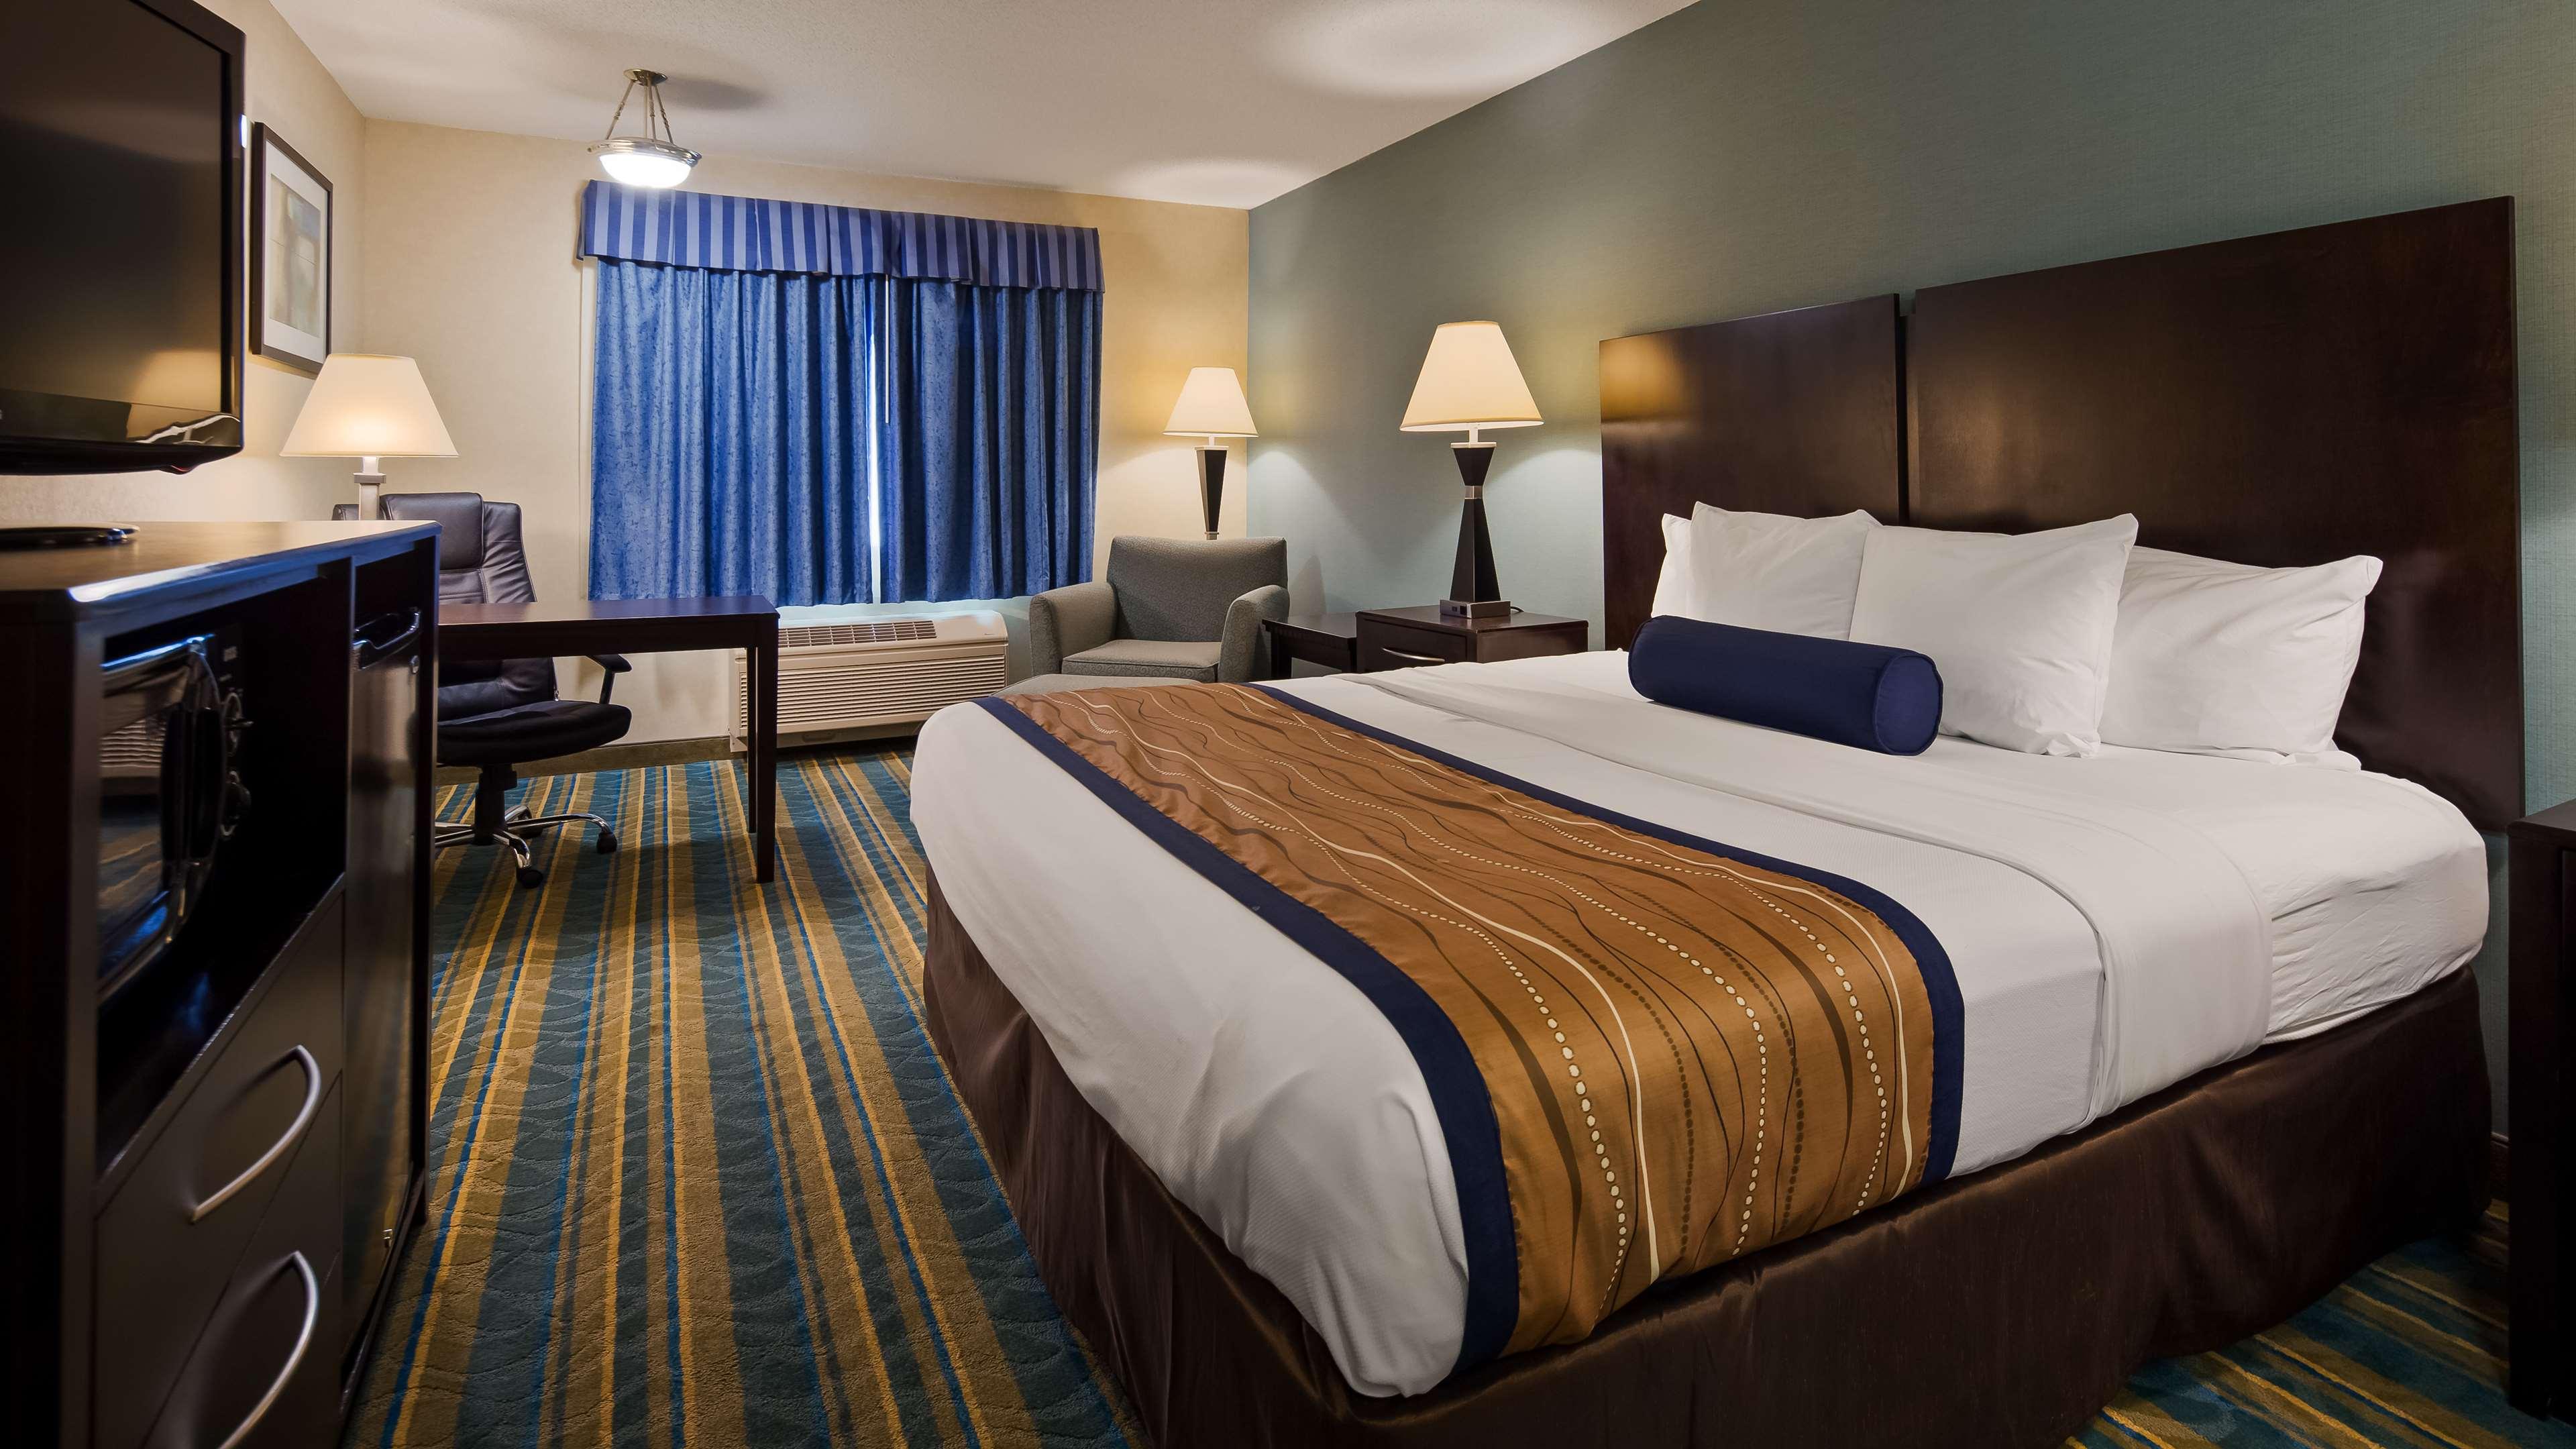 Best Western Plus Berkshire Hills Inn & Suites image 14